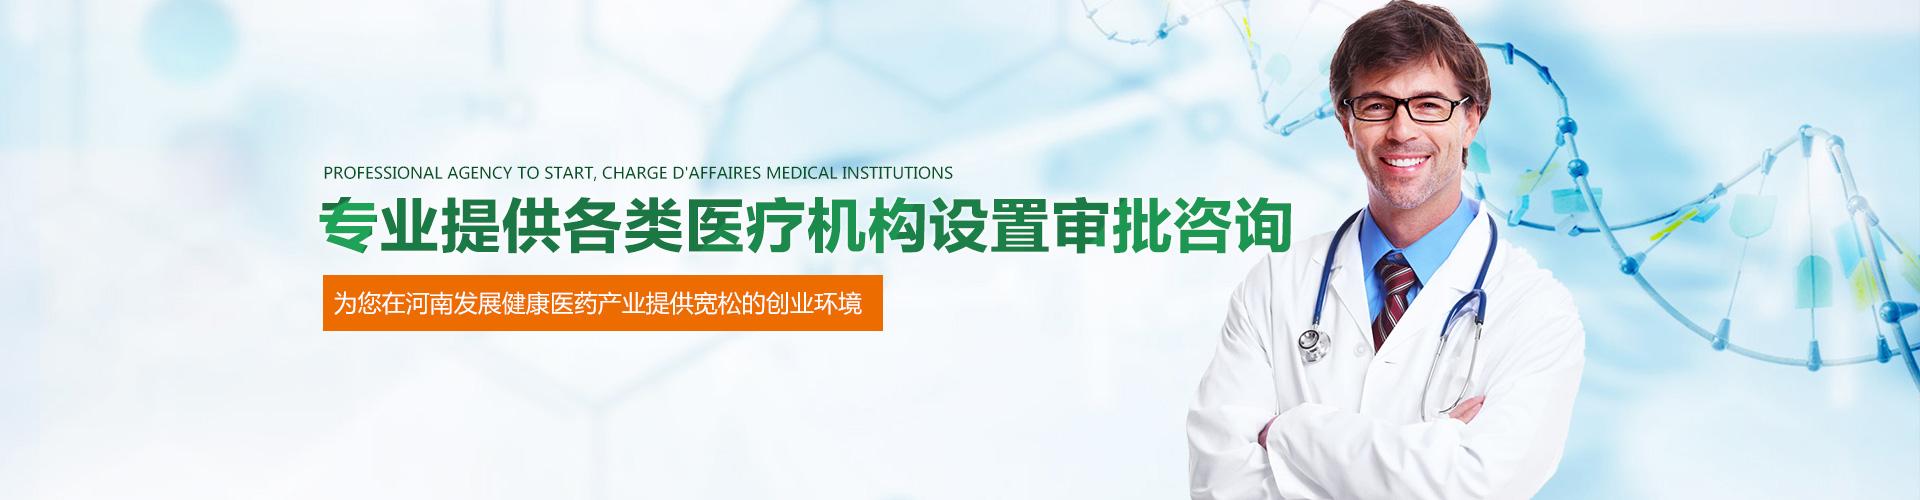 医疗机构设置